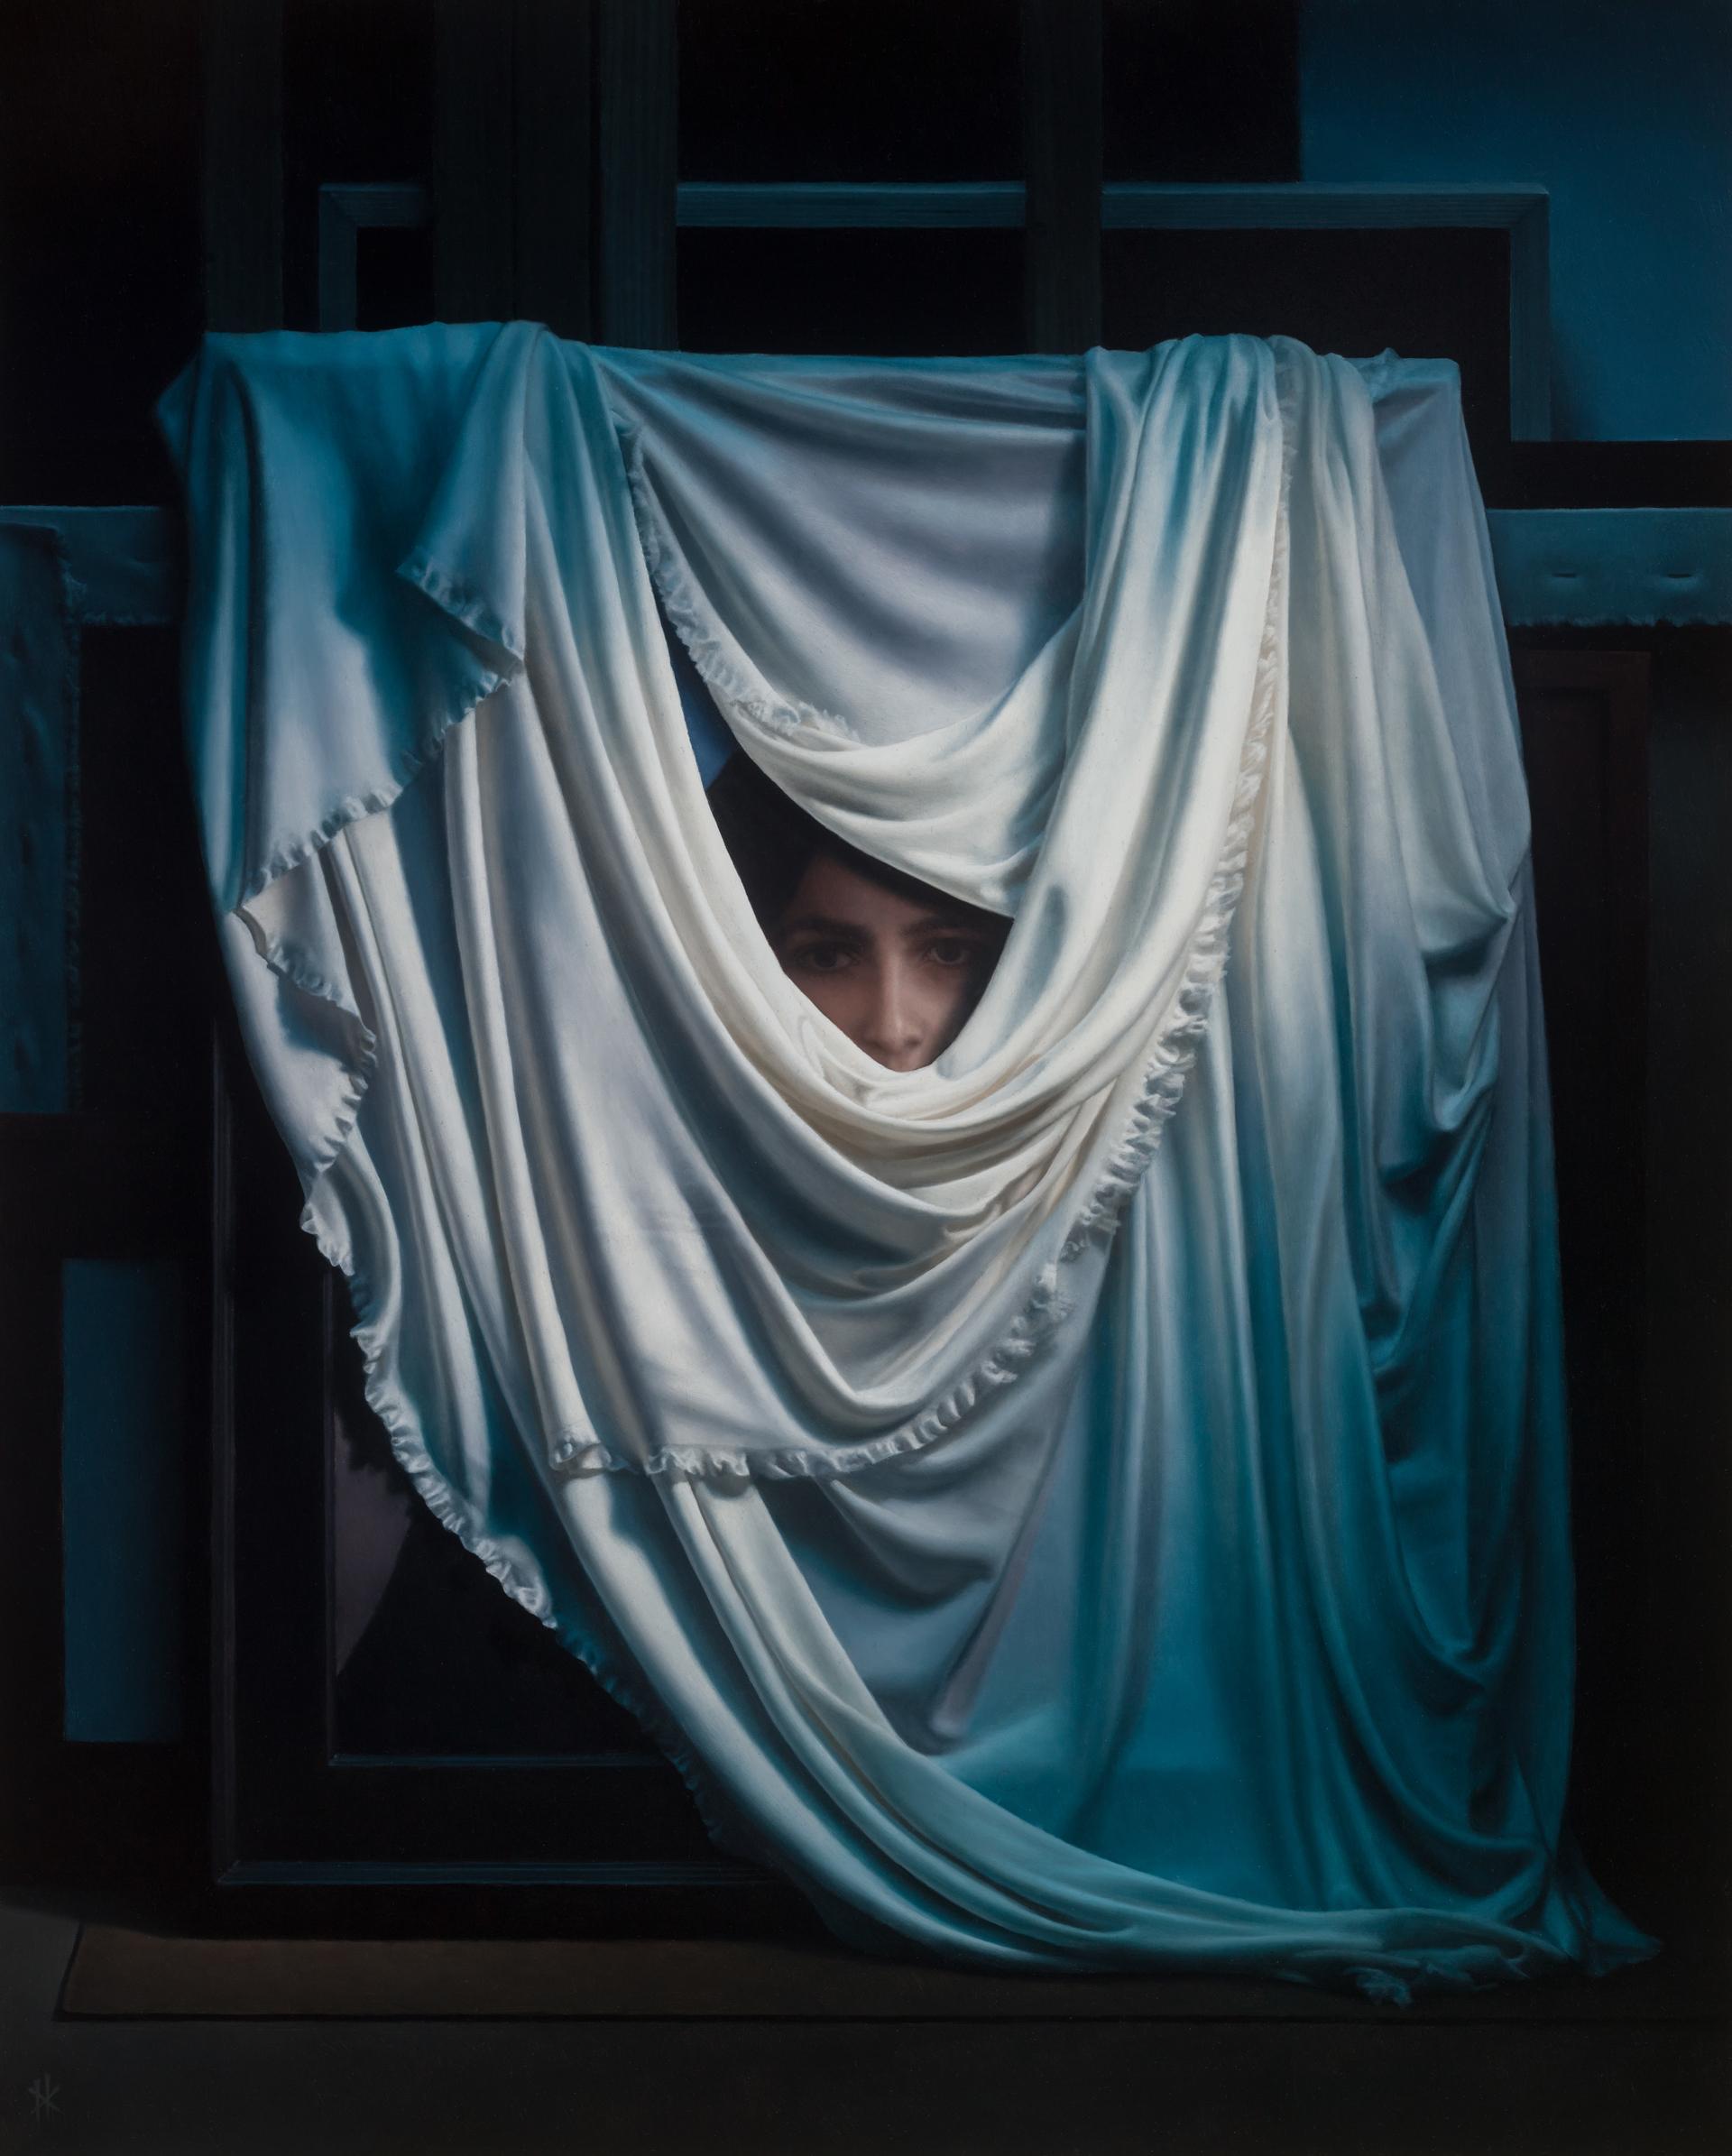 Forgotten Grace by Patrick Kramer